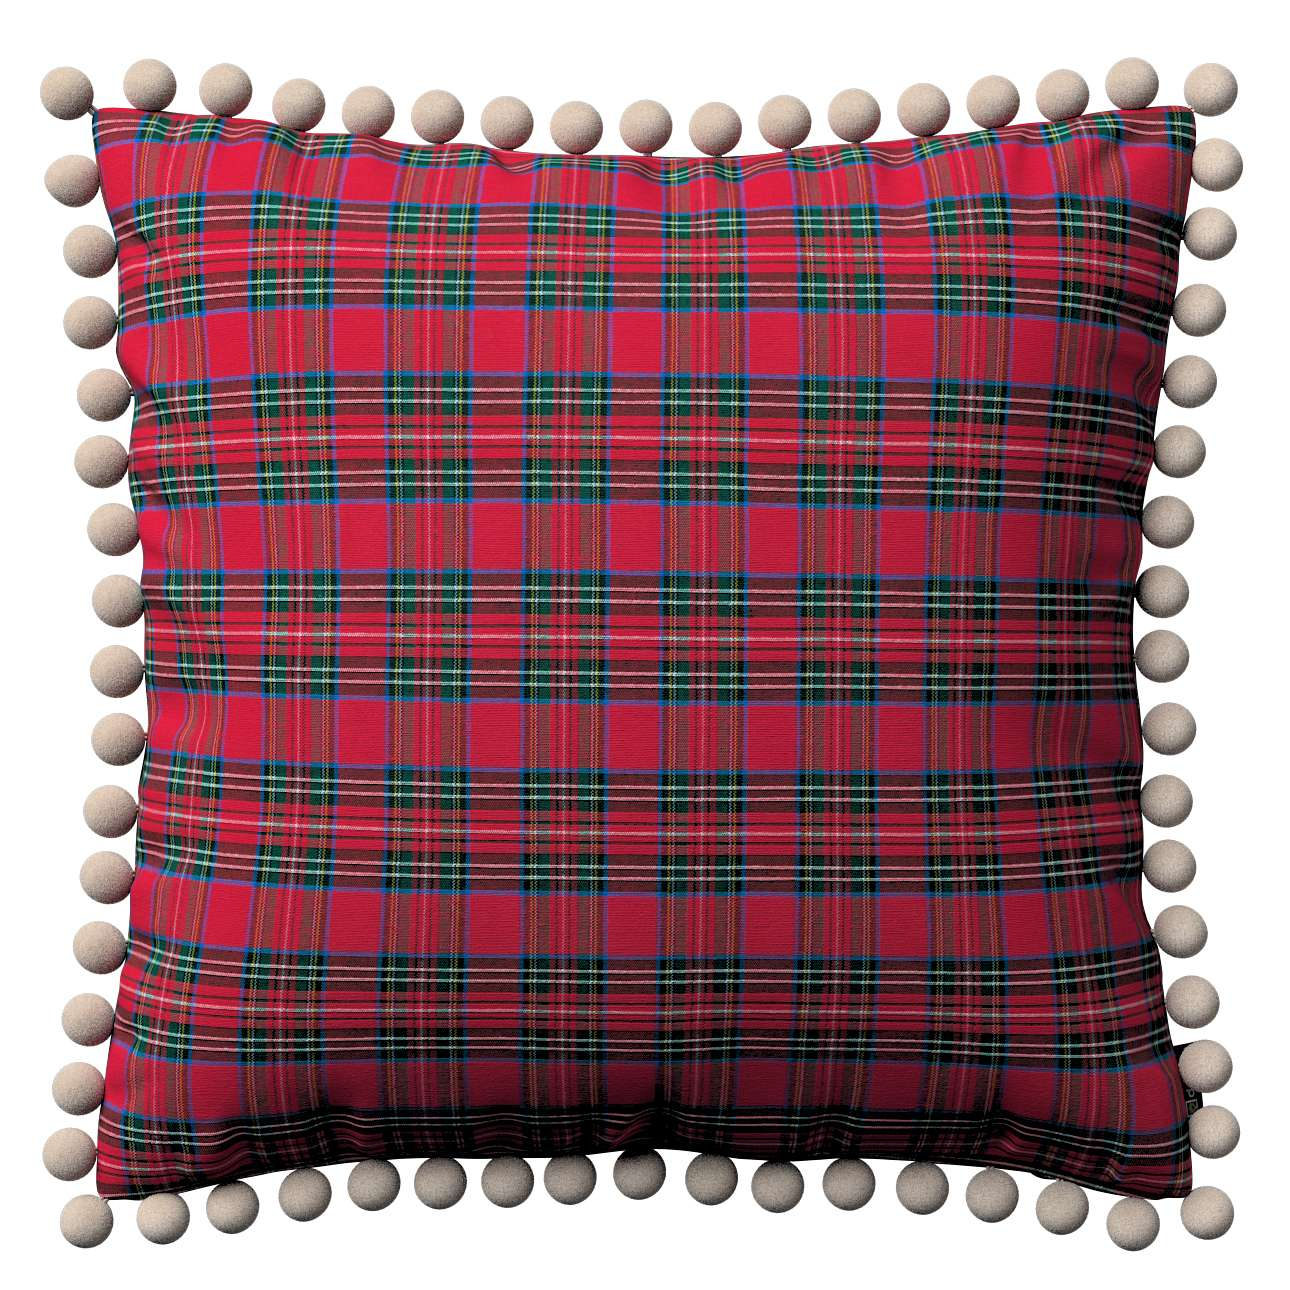 Wera dekoratyvinės pagalvėlės užvalkalas su žaismingais kraštais 45 × 45 cm kolekcijoje Bristol, audinys: 126-29